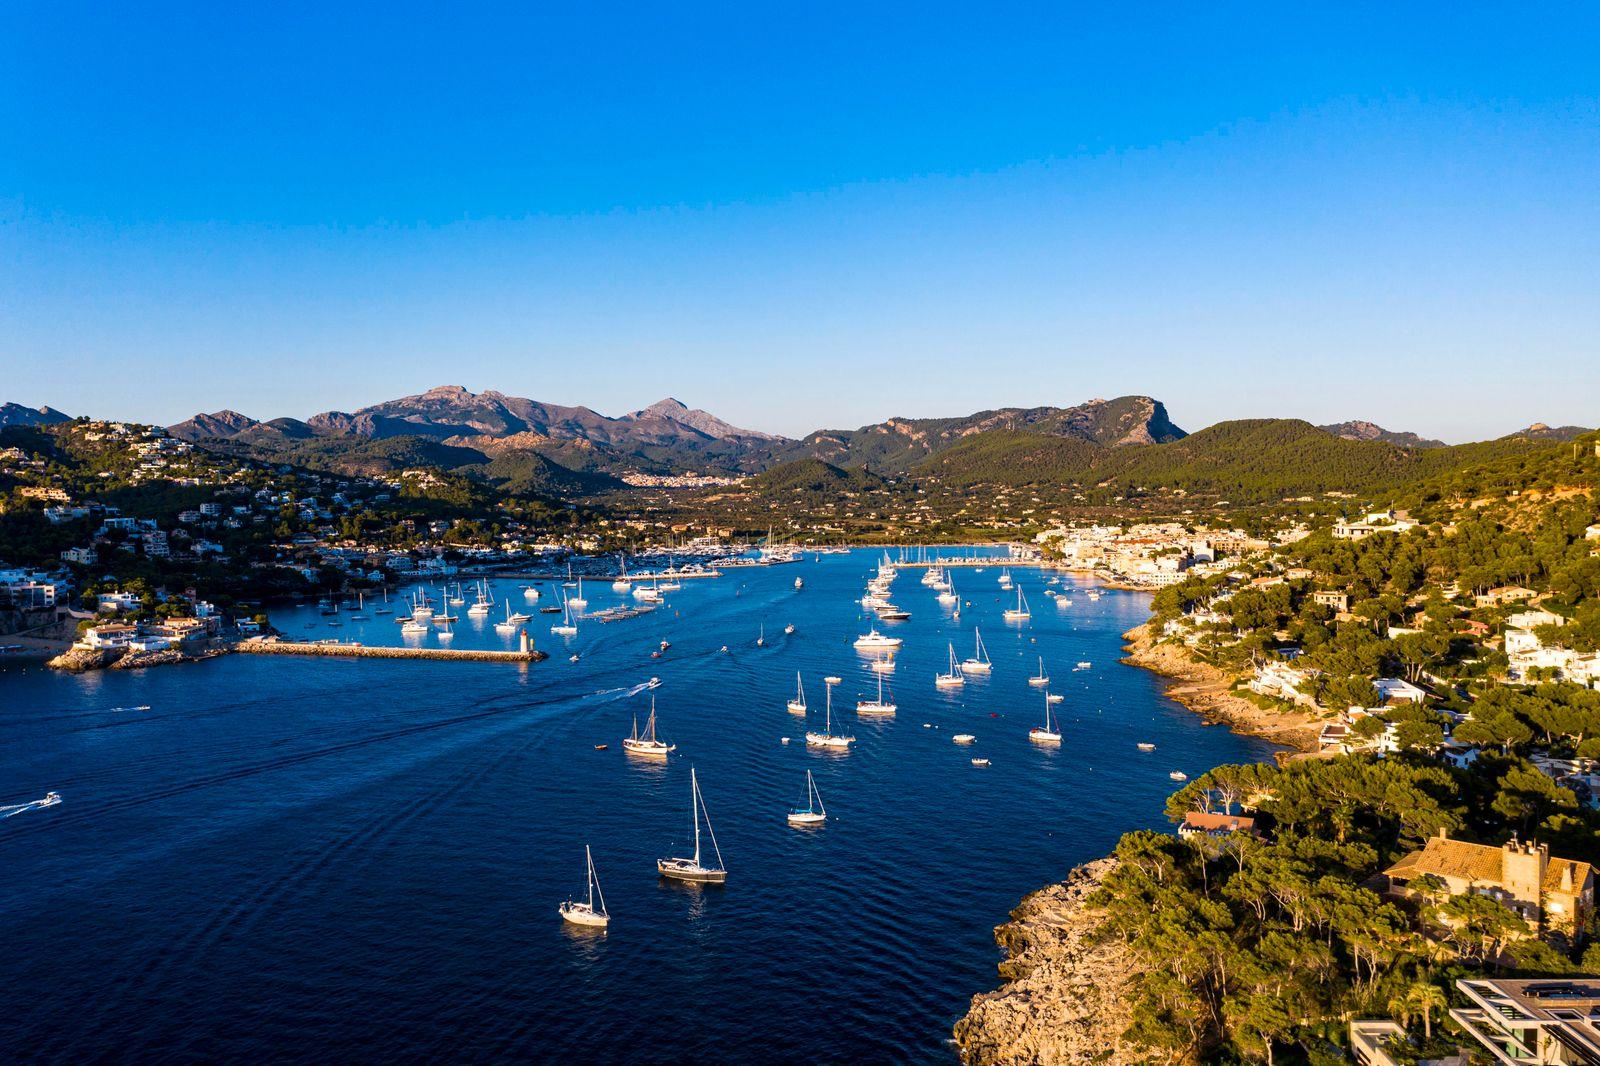 Luftaufnahme, Andratx, Port d'Andratx, Küste und Naturhafen in der Dämmerung, Malloca, Balearen, Spanien, Europa